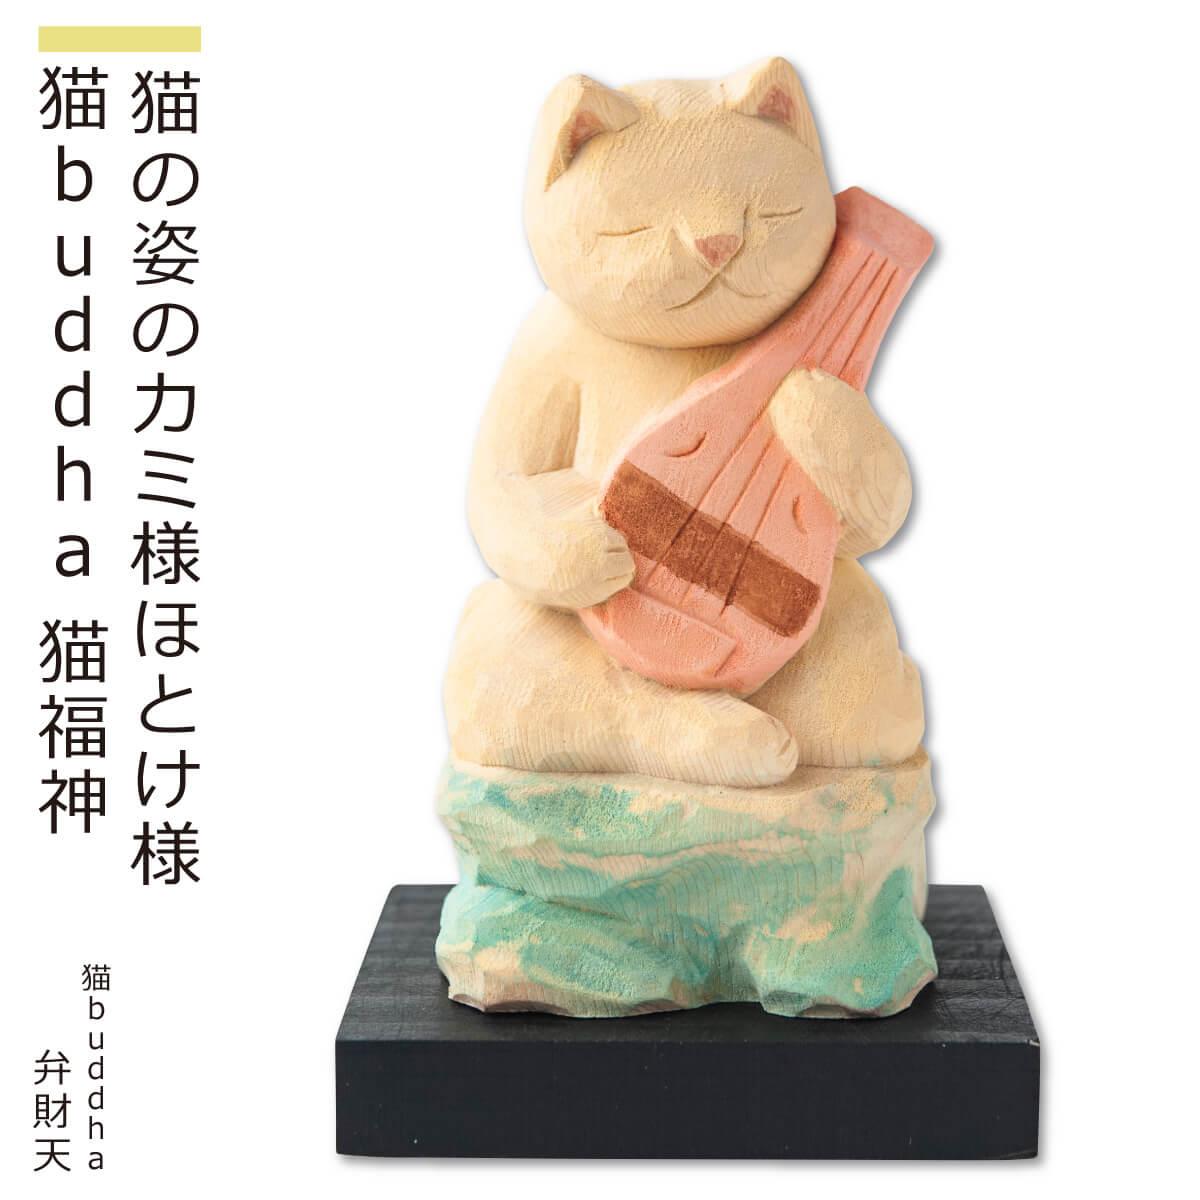 オンラインショッピング 猫buddha 弁財天 芸も財運もお任せにゃ ≫ にゃんブッダ 癒される猫姿の神さま仏さま 仏屋さかい原型 監修 ギフト 猫 即納 木彫り すべて木彫りで作っちゃいました 置物 仏像 ねこ プレゼント